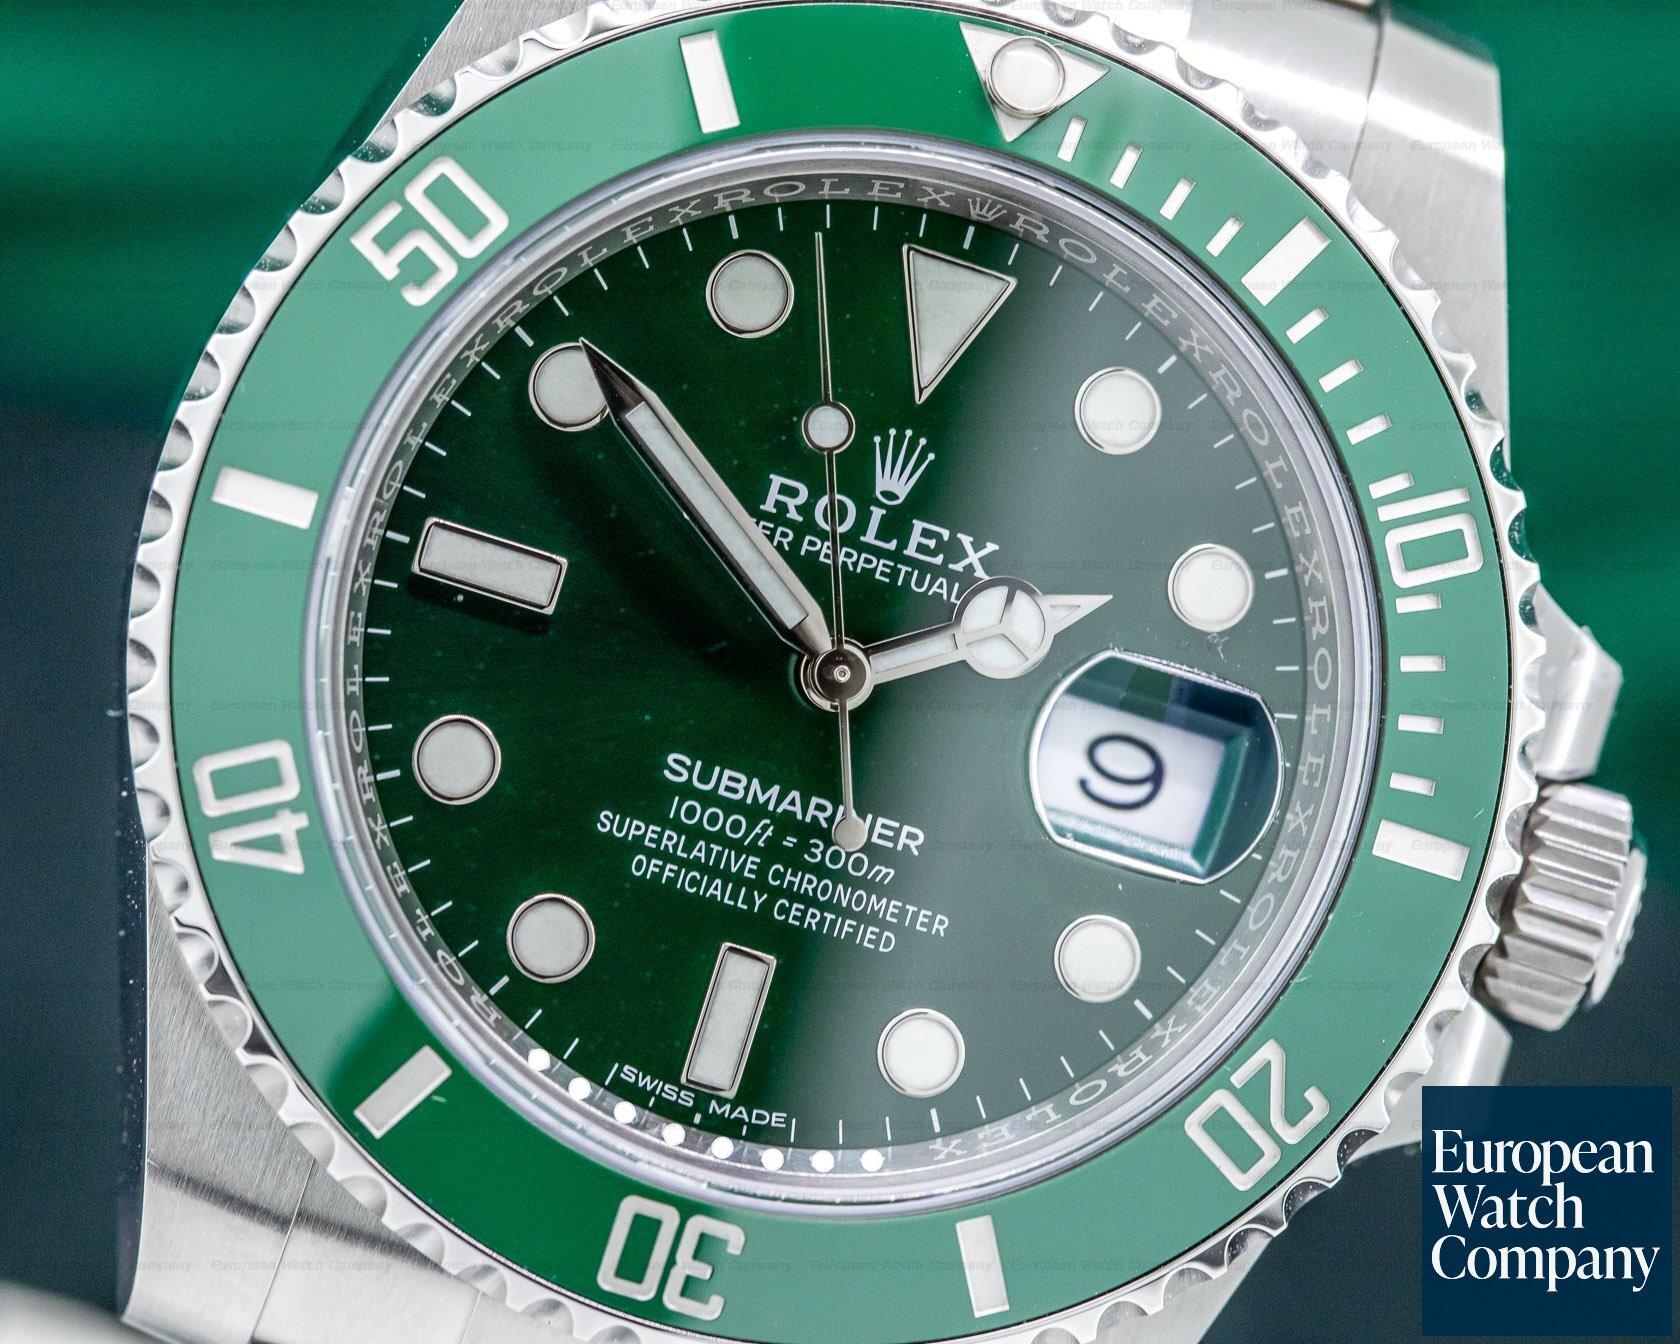 32465) Rolex 116610LV Submariner Green Ceramic Bezel Green